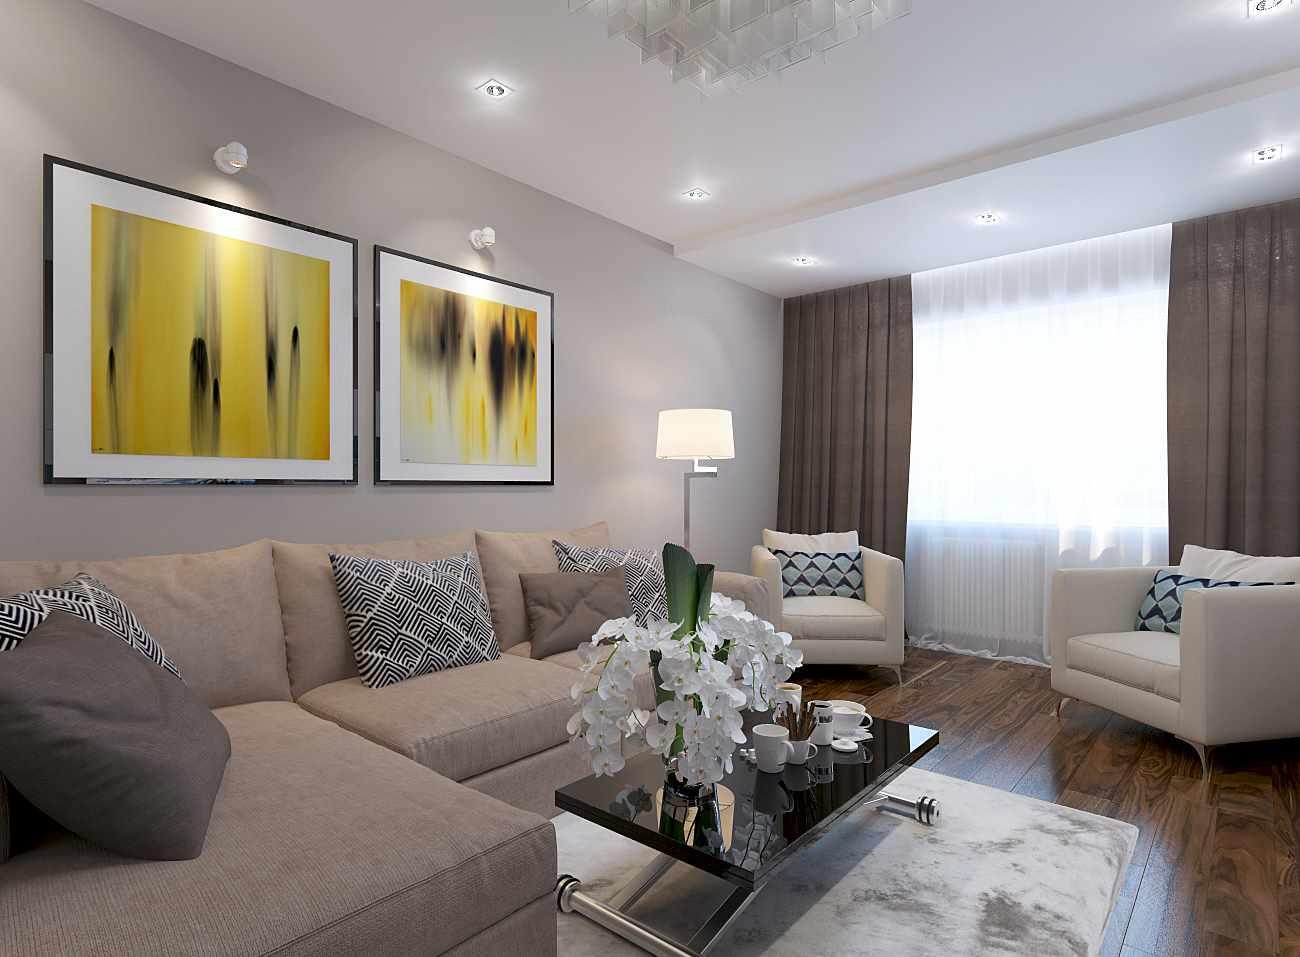 exemple d'un décor insolite d'un salon de 25 m²